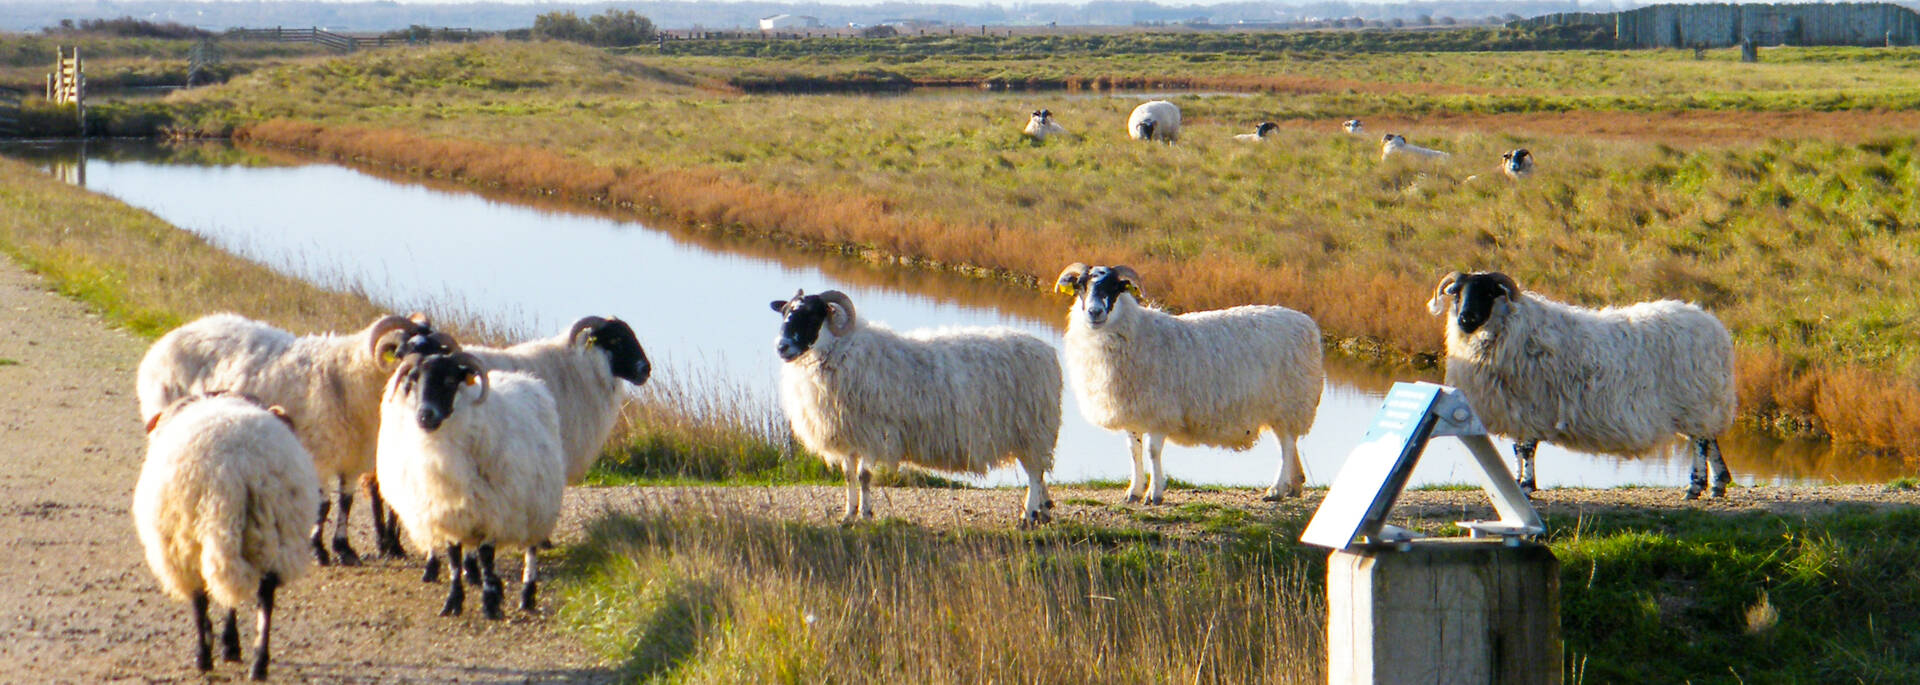 Moutons de la réserve naturelle de Moëze - © Office de tourisme Rochefort Océan